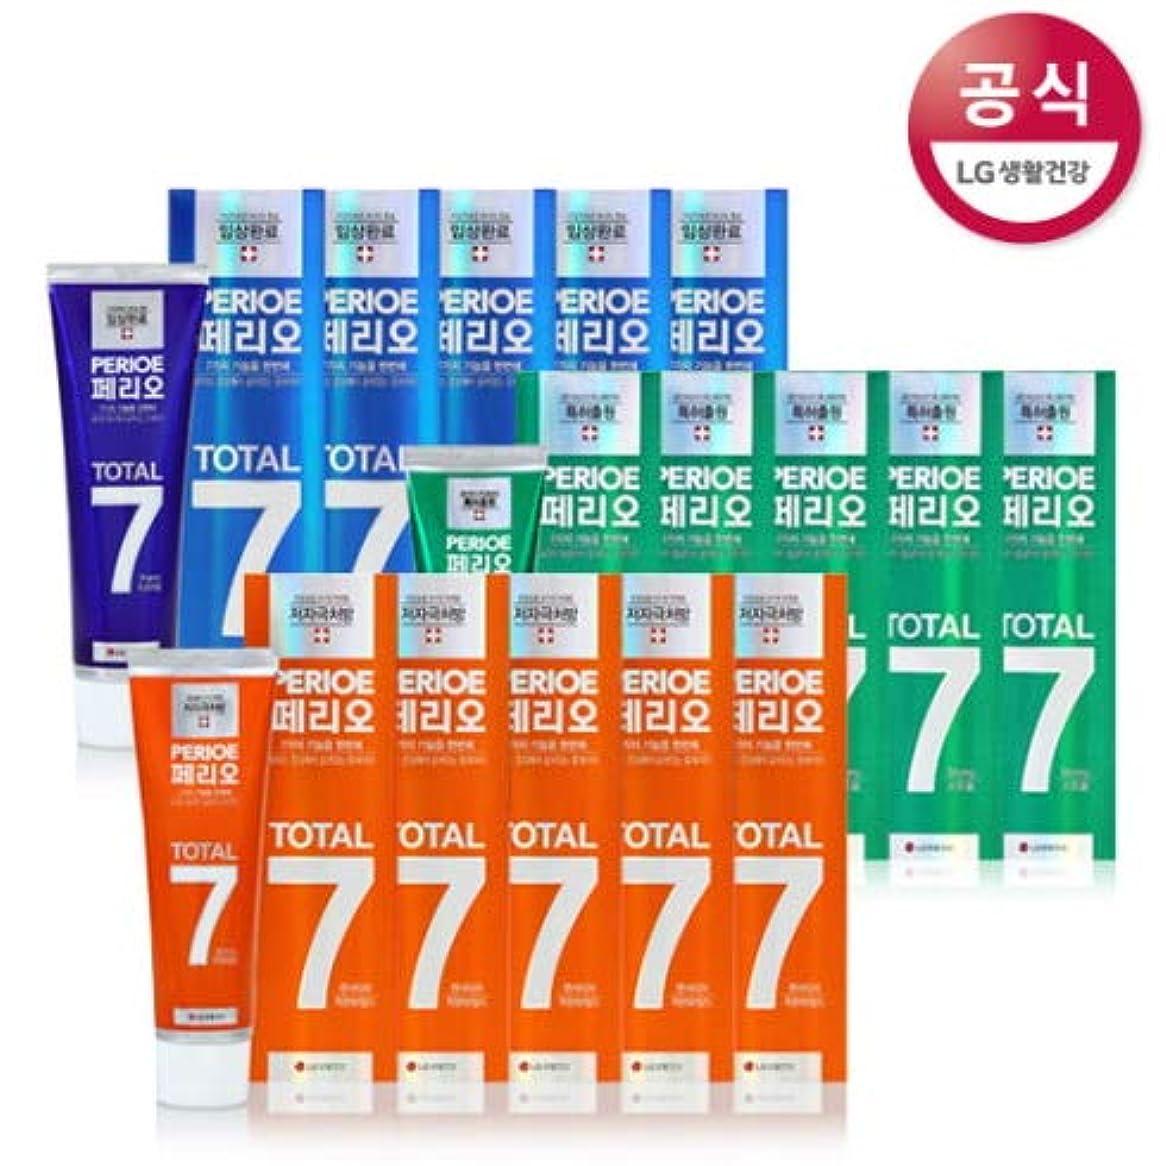 カート容器受け入れ[LG HnB] Perio Total 7 toothpaste /ペリオトータル7歯磨き粉 120gx18個(海外直送品)